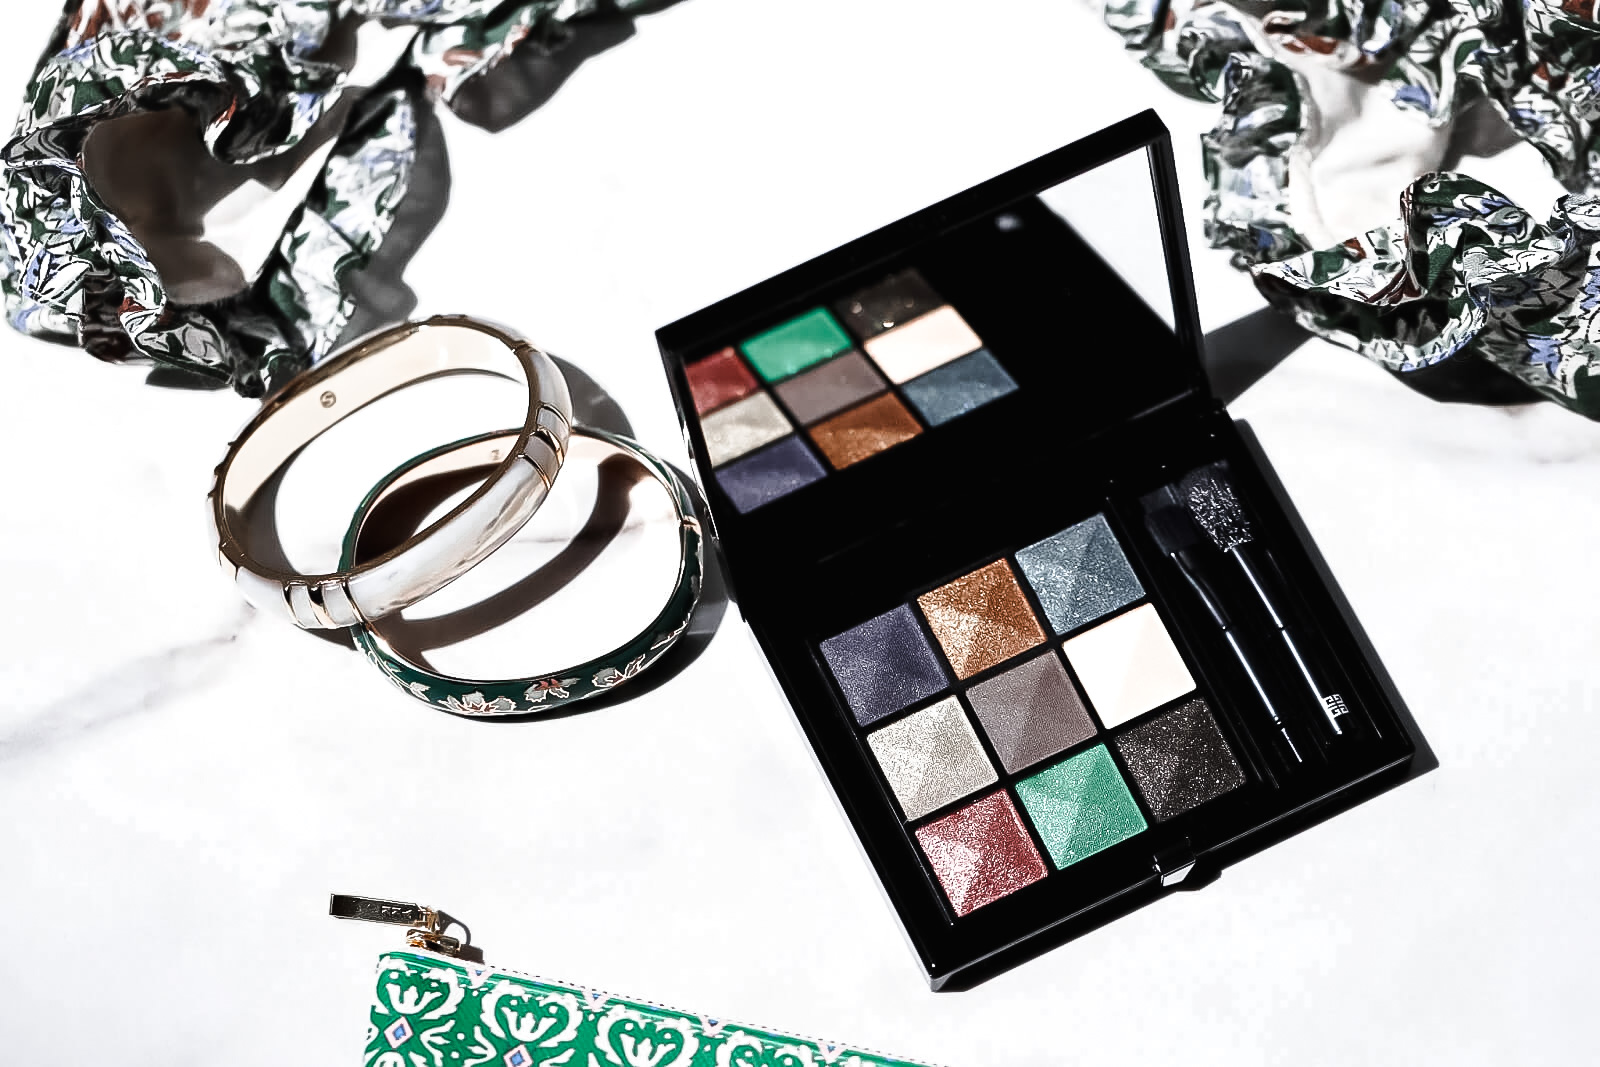 Le 9 De Givenchy Palette 9.02 avis